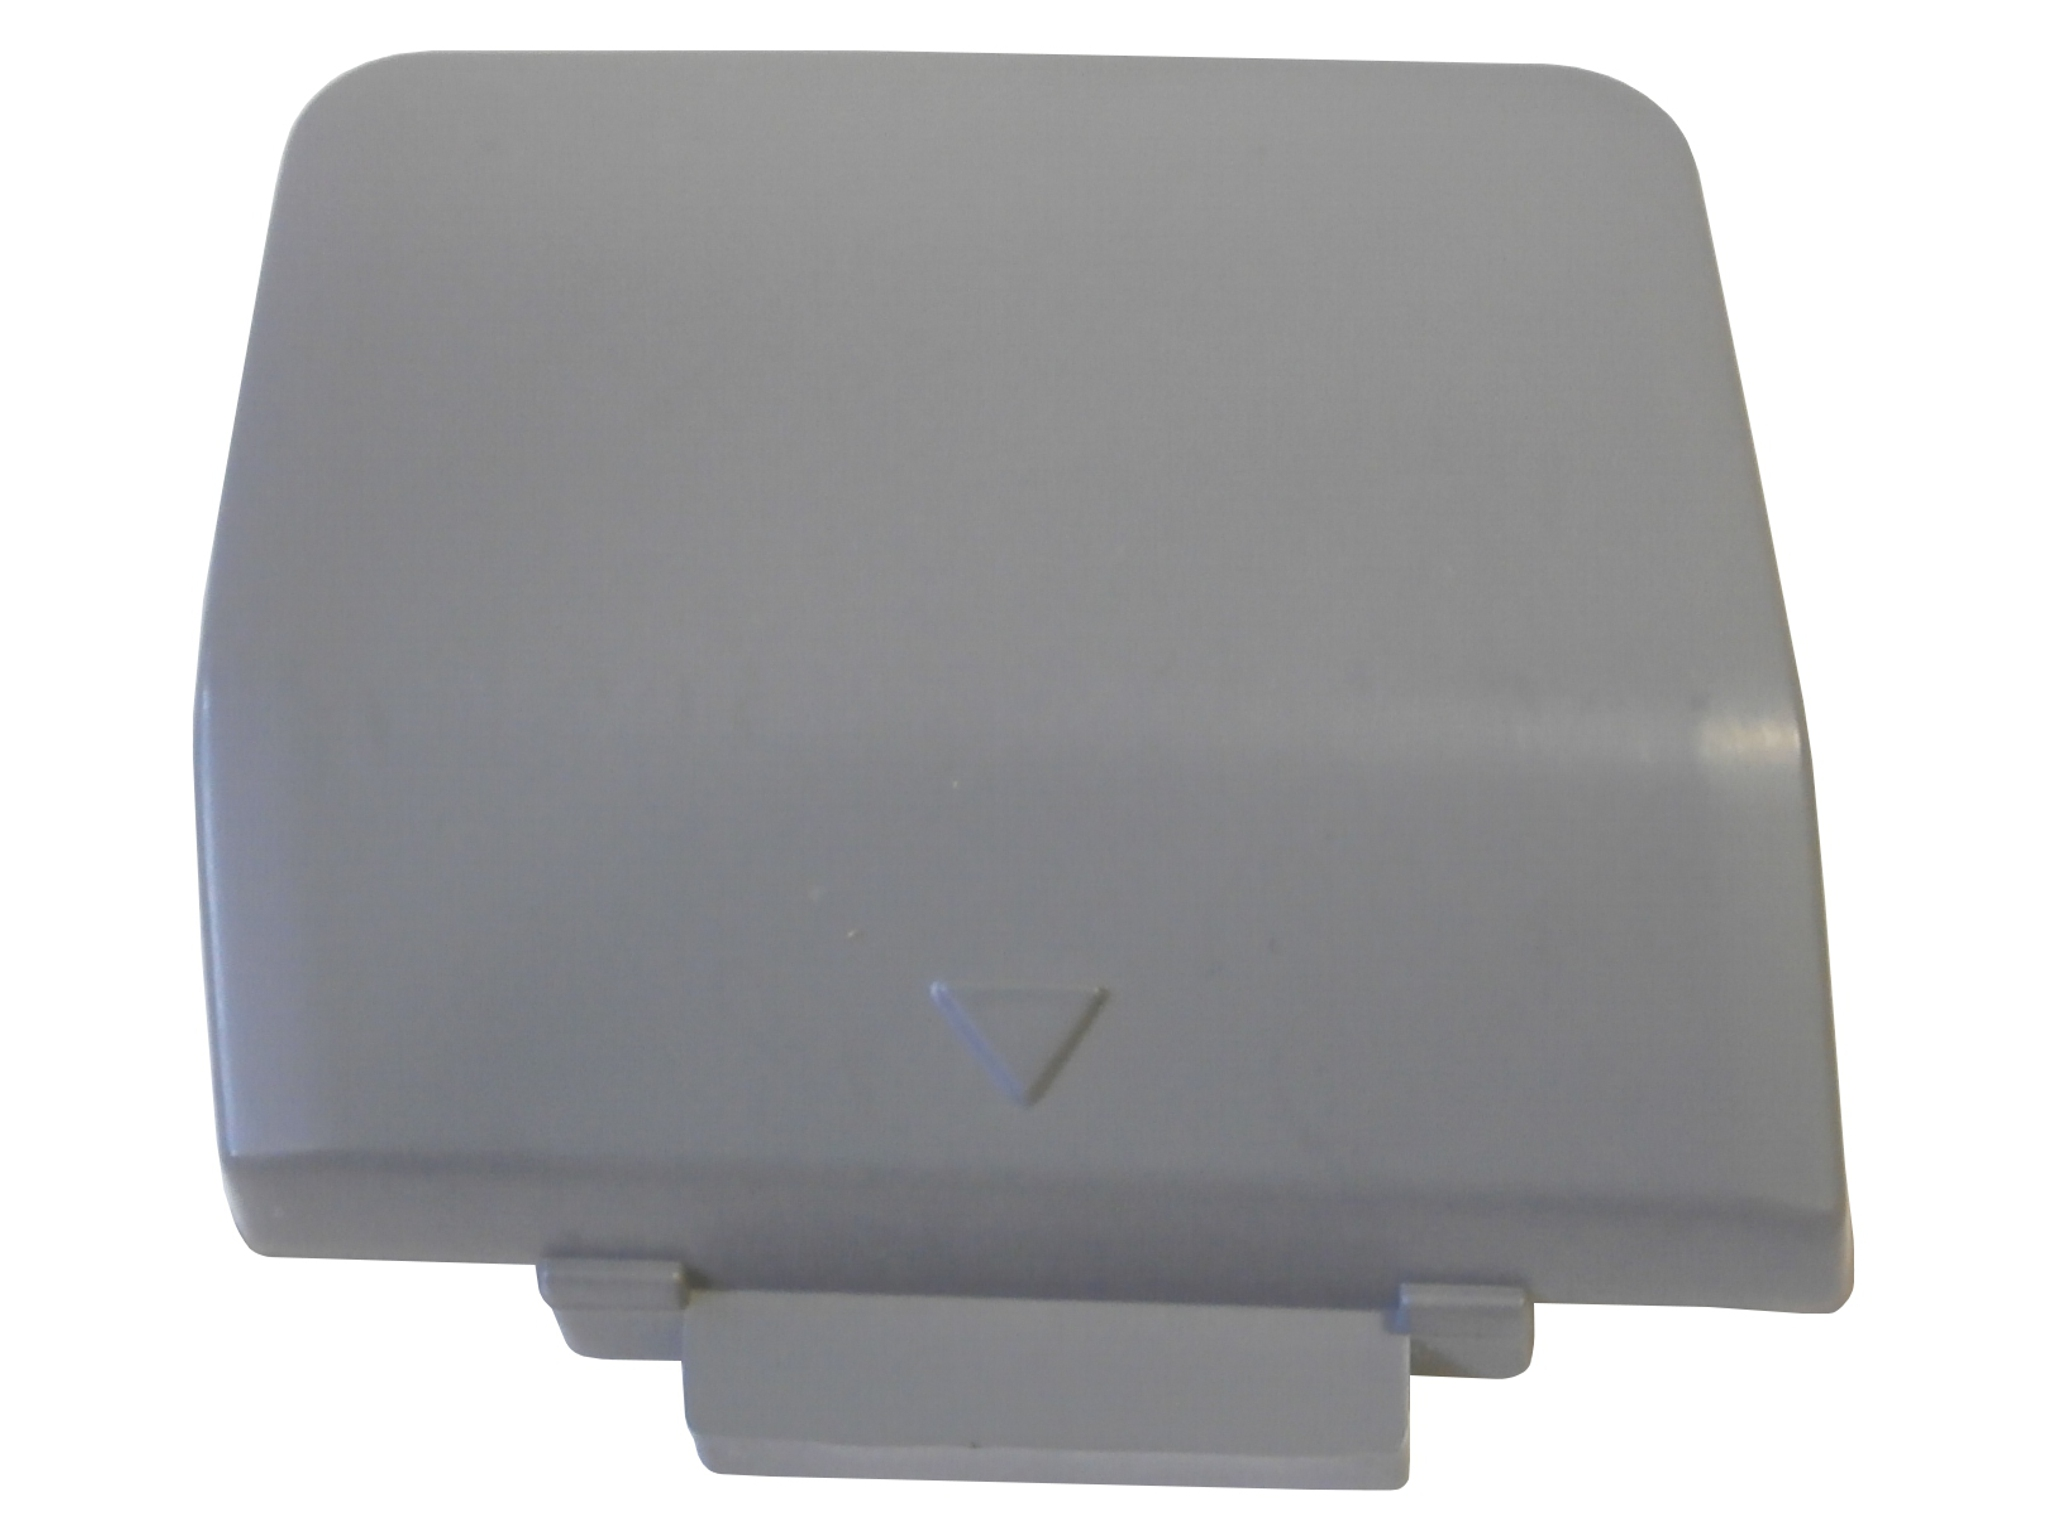 заглушка крюк бампер сзади к bmw 5 e60 m пакет